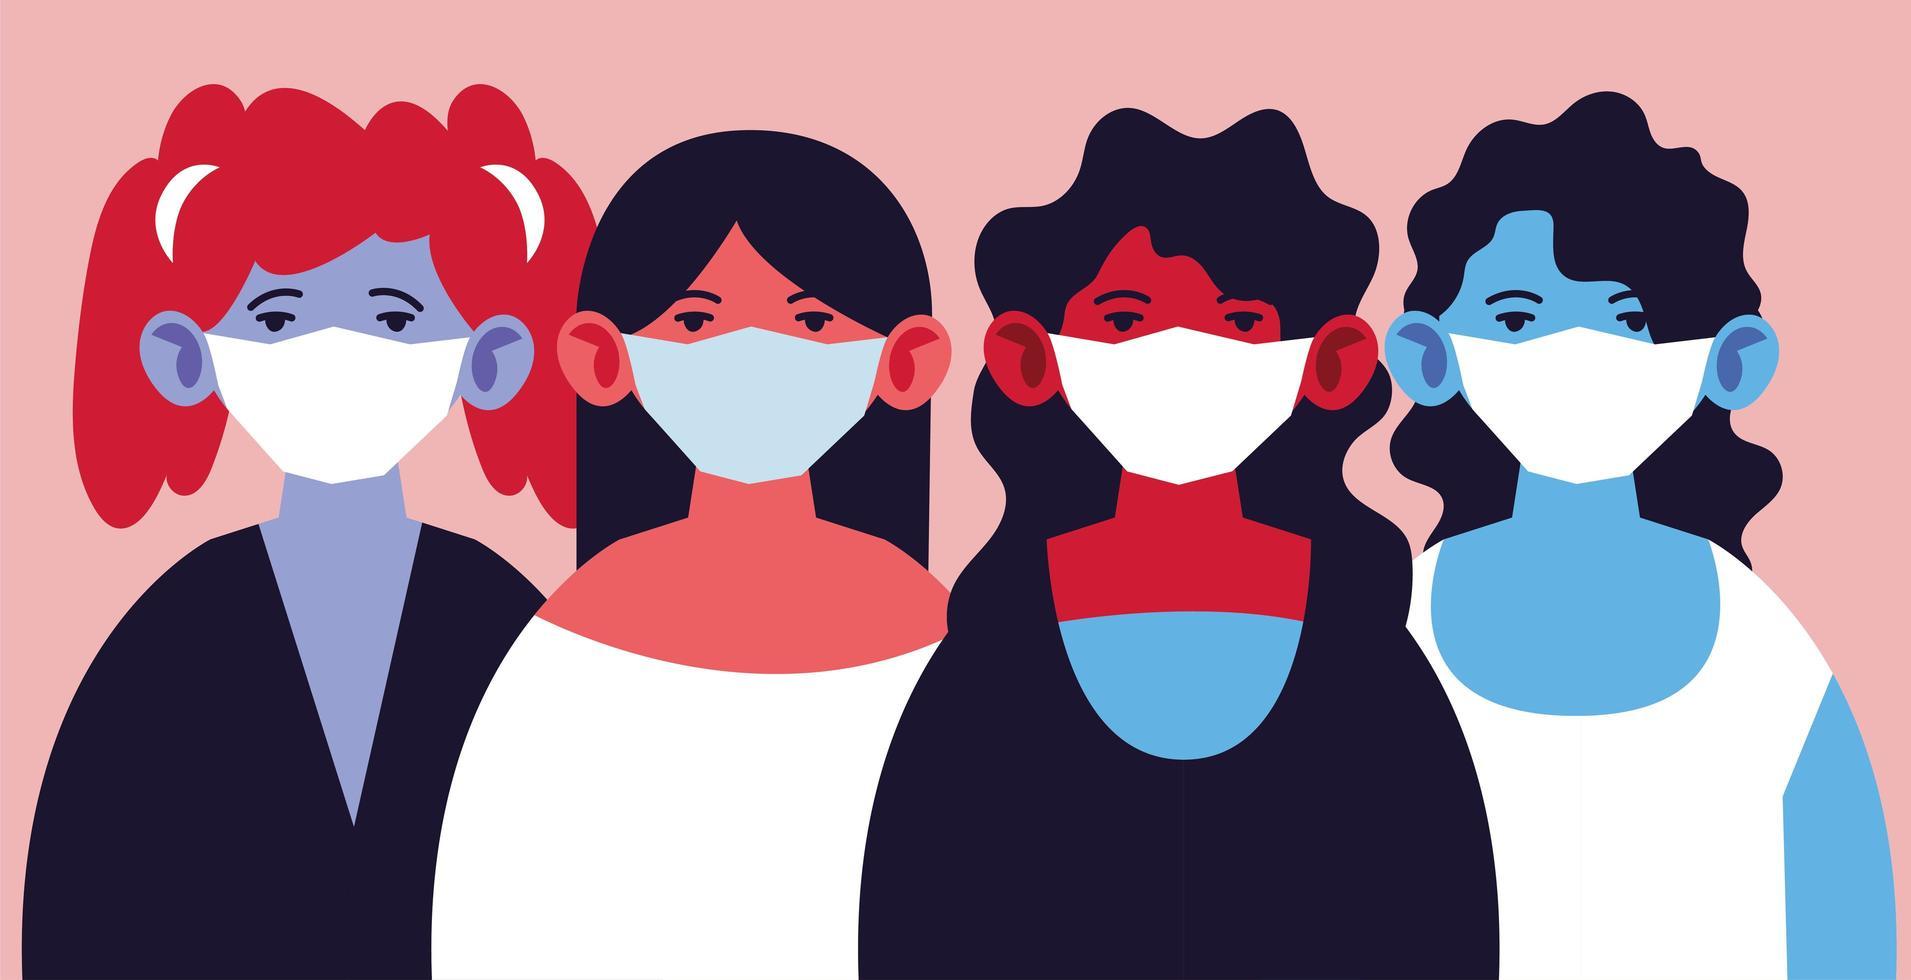 femmes portant des masques médicaux, se protégeant vecteur